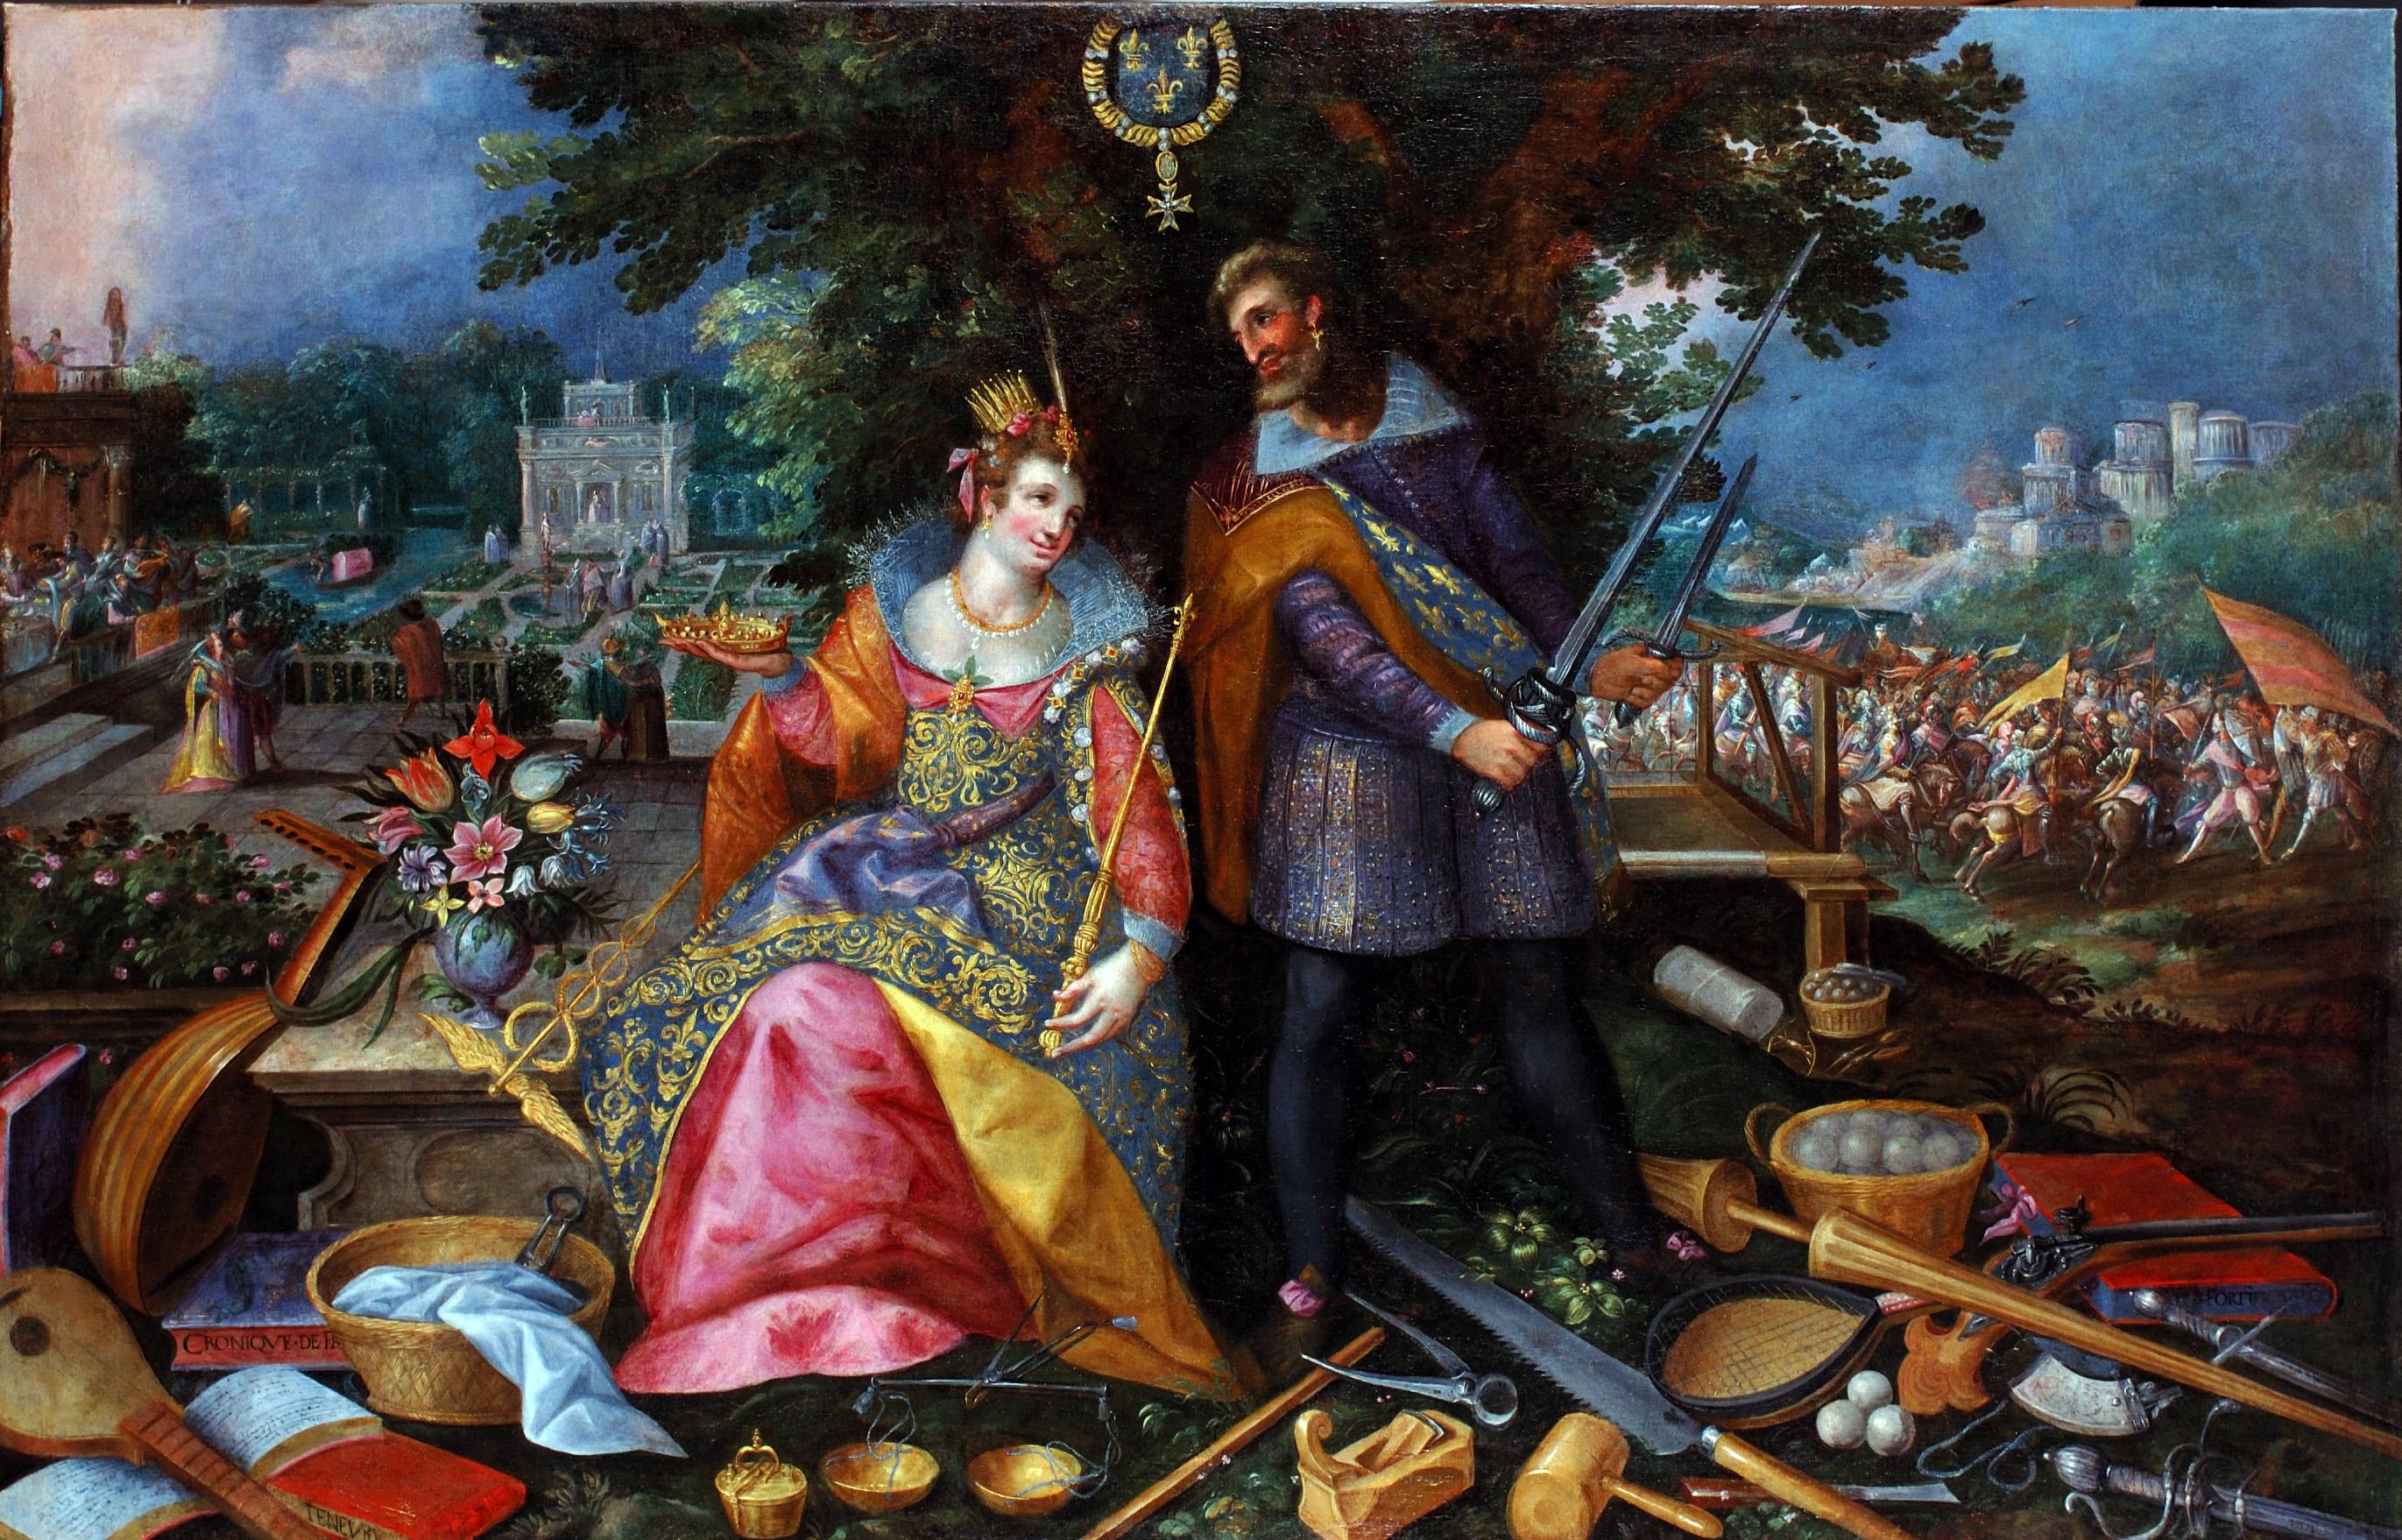 Allégorie de la France, huile sur toile anonyme (Allemagne du Sud ou Bohème), 1er tiers du XVIIe siècle